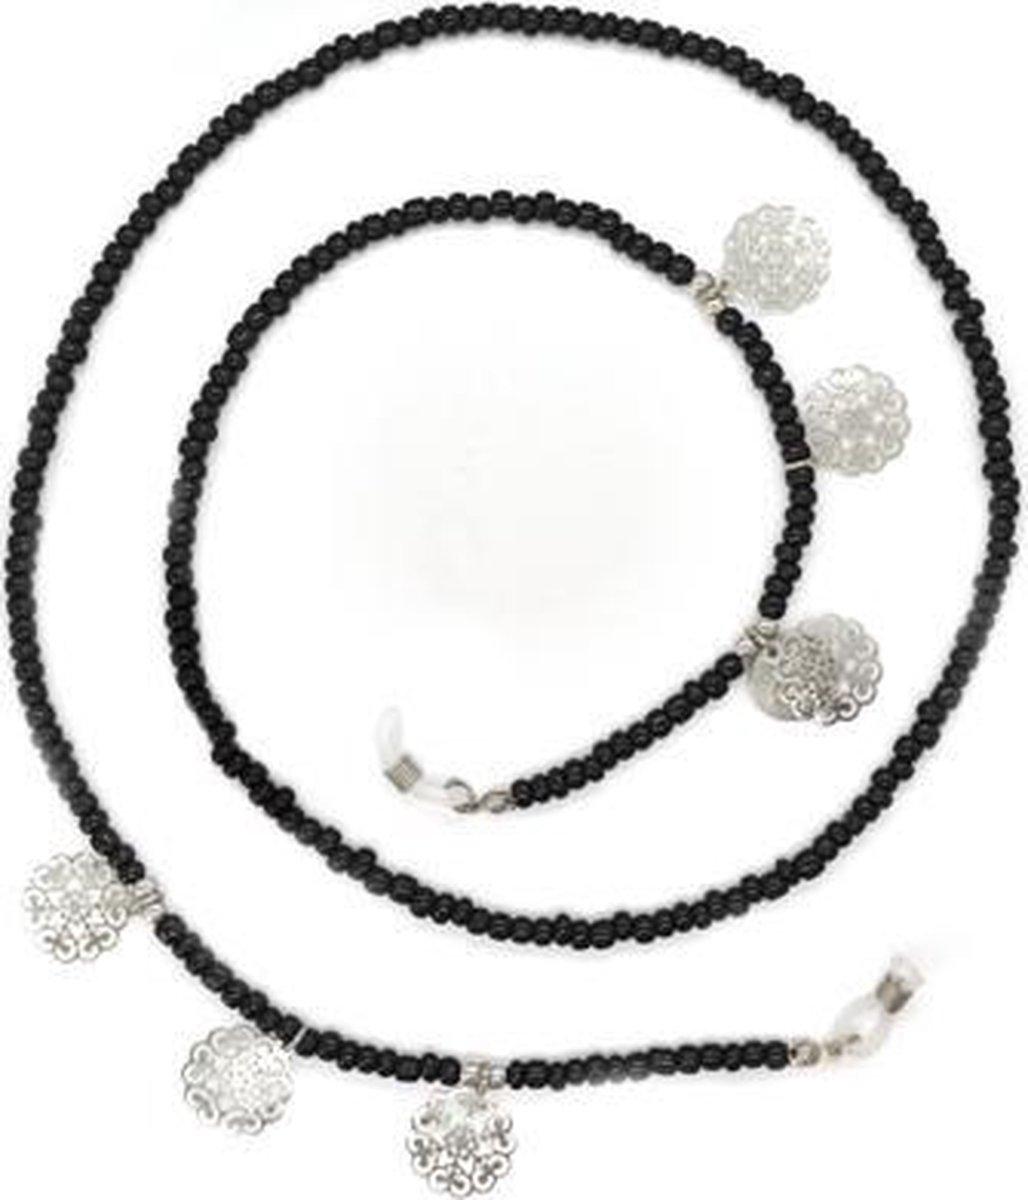 Zonnebrilkoordje kraaltjes zomer - zwart en zilverkleurig - BandjesenKantjes